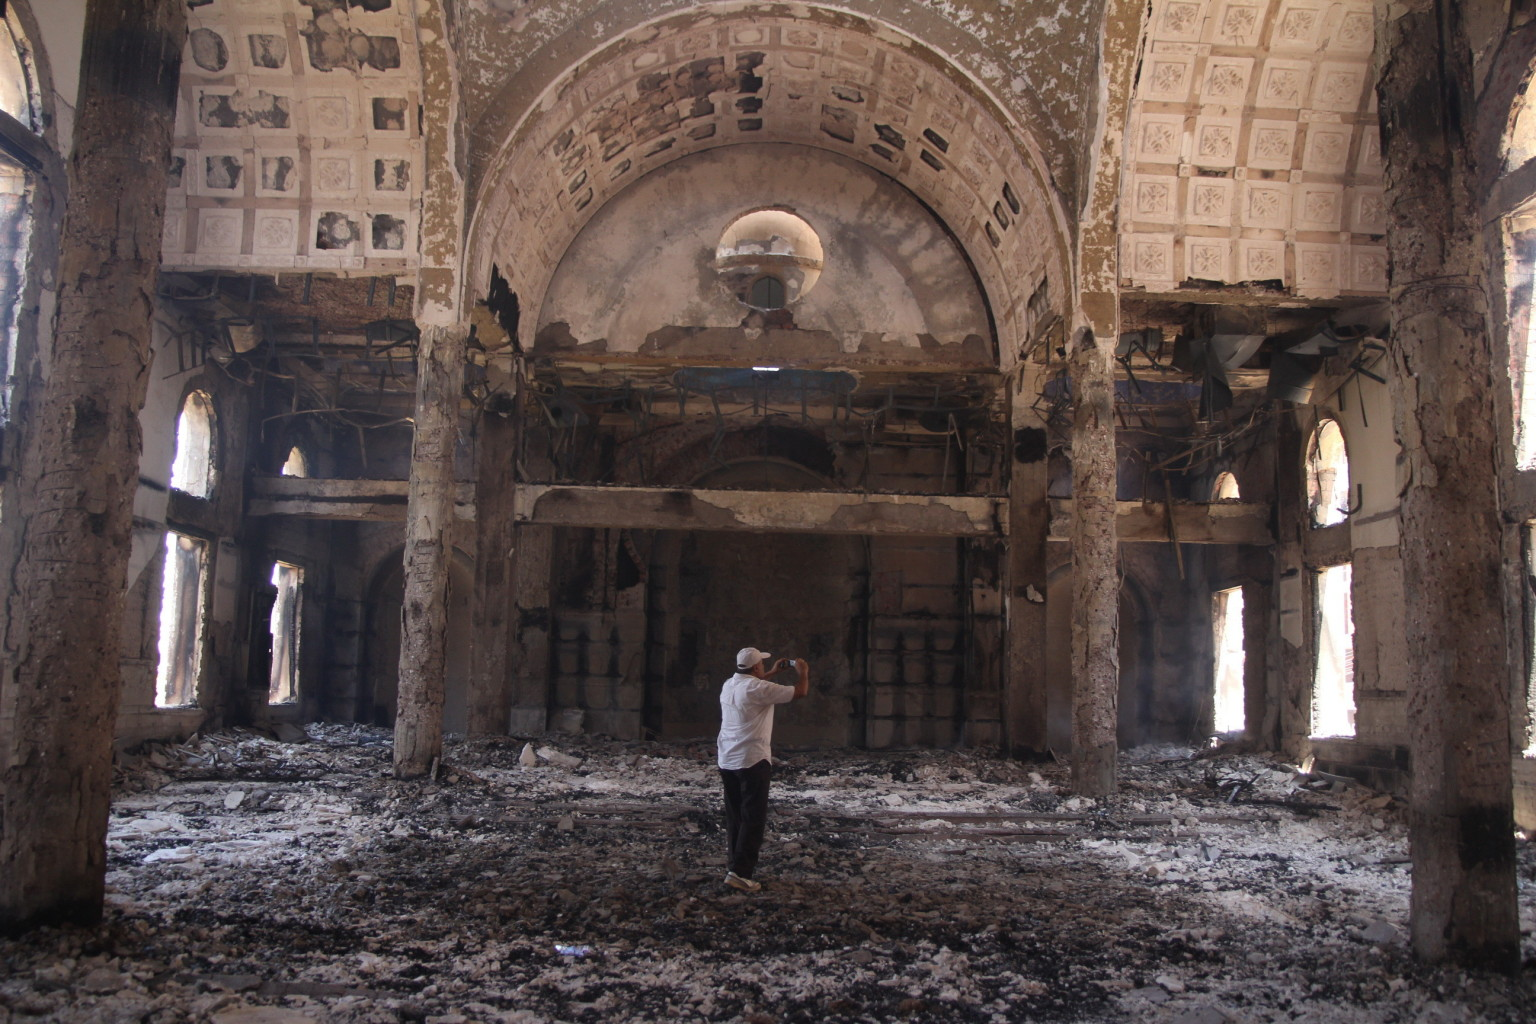 Terrorismo islamico, sale a 280 il numero di cristiani assiri rapiti in Siria. Due chiese sono state date alle fiamme